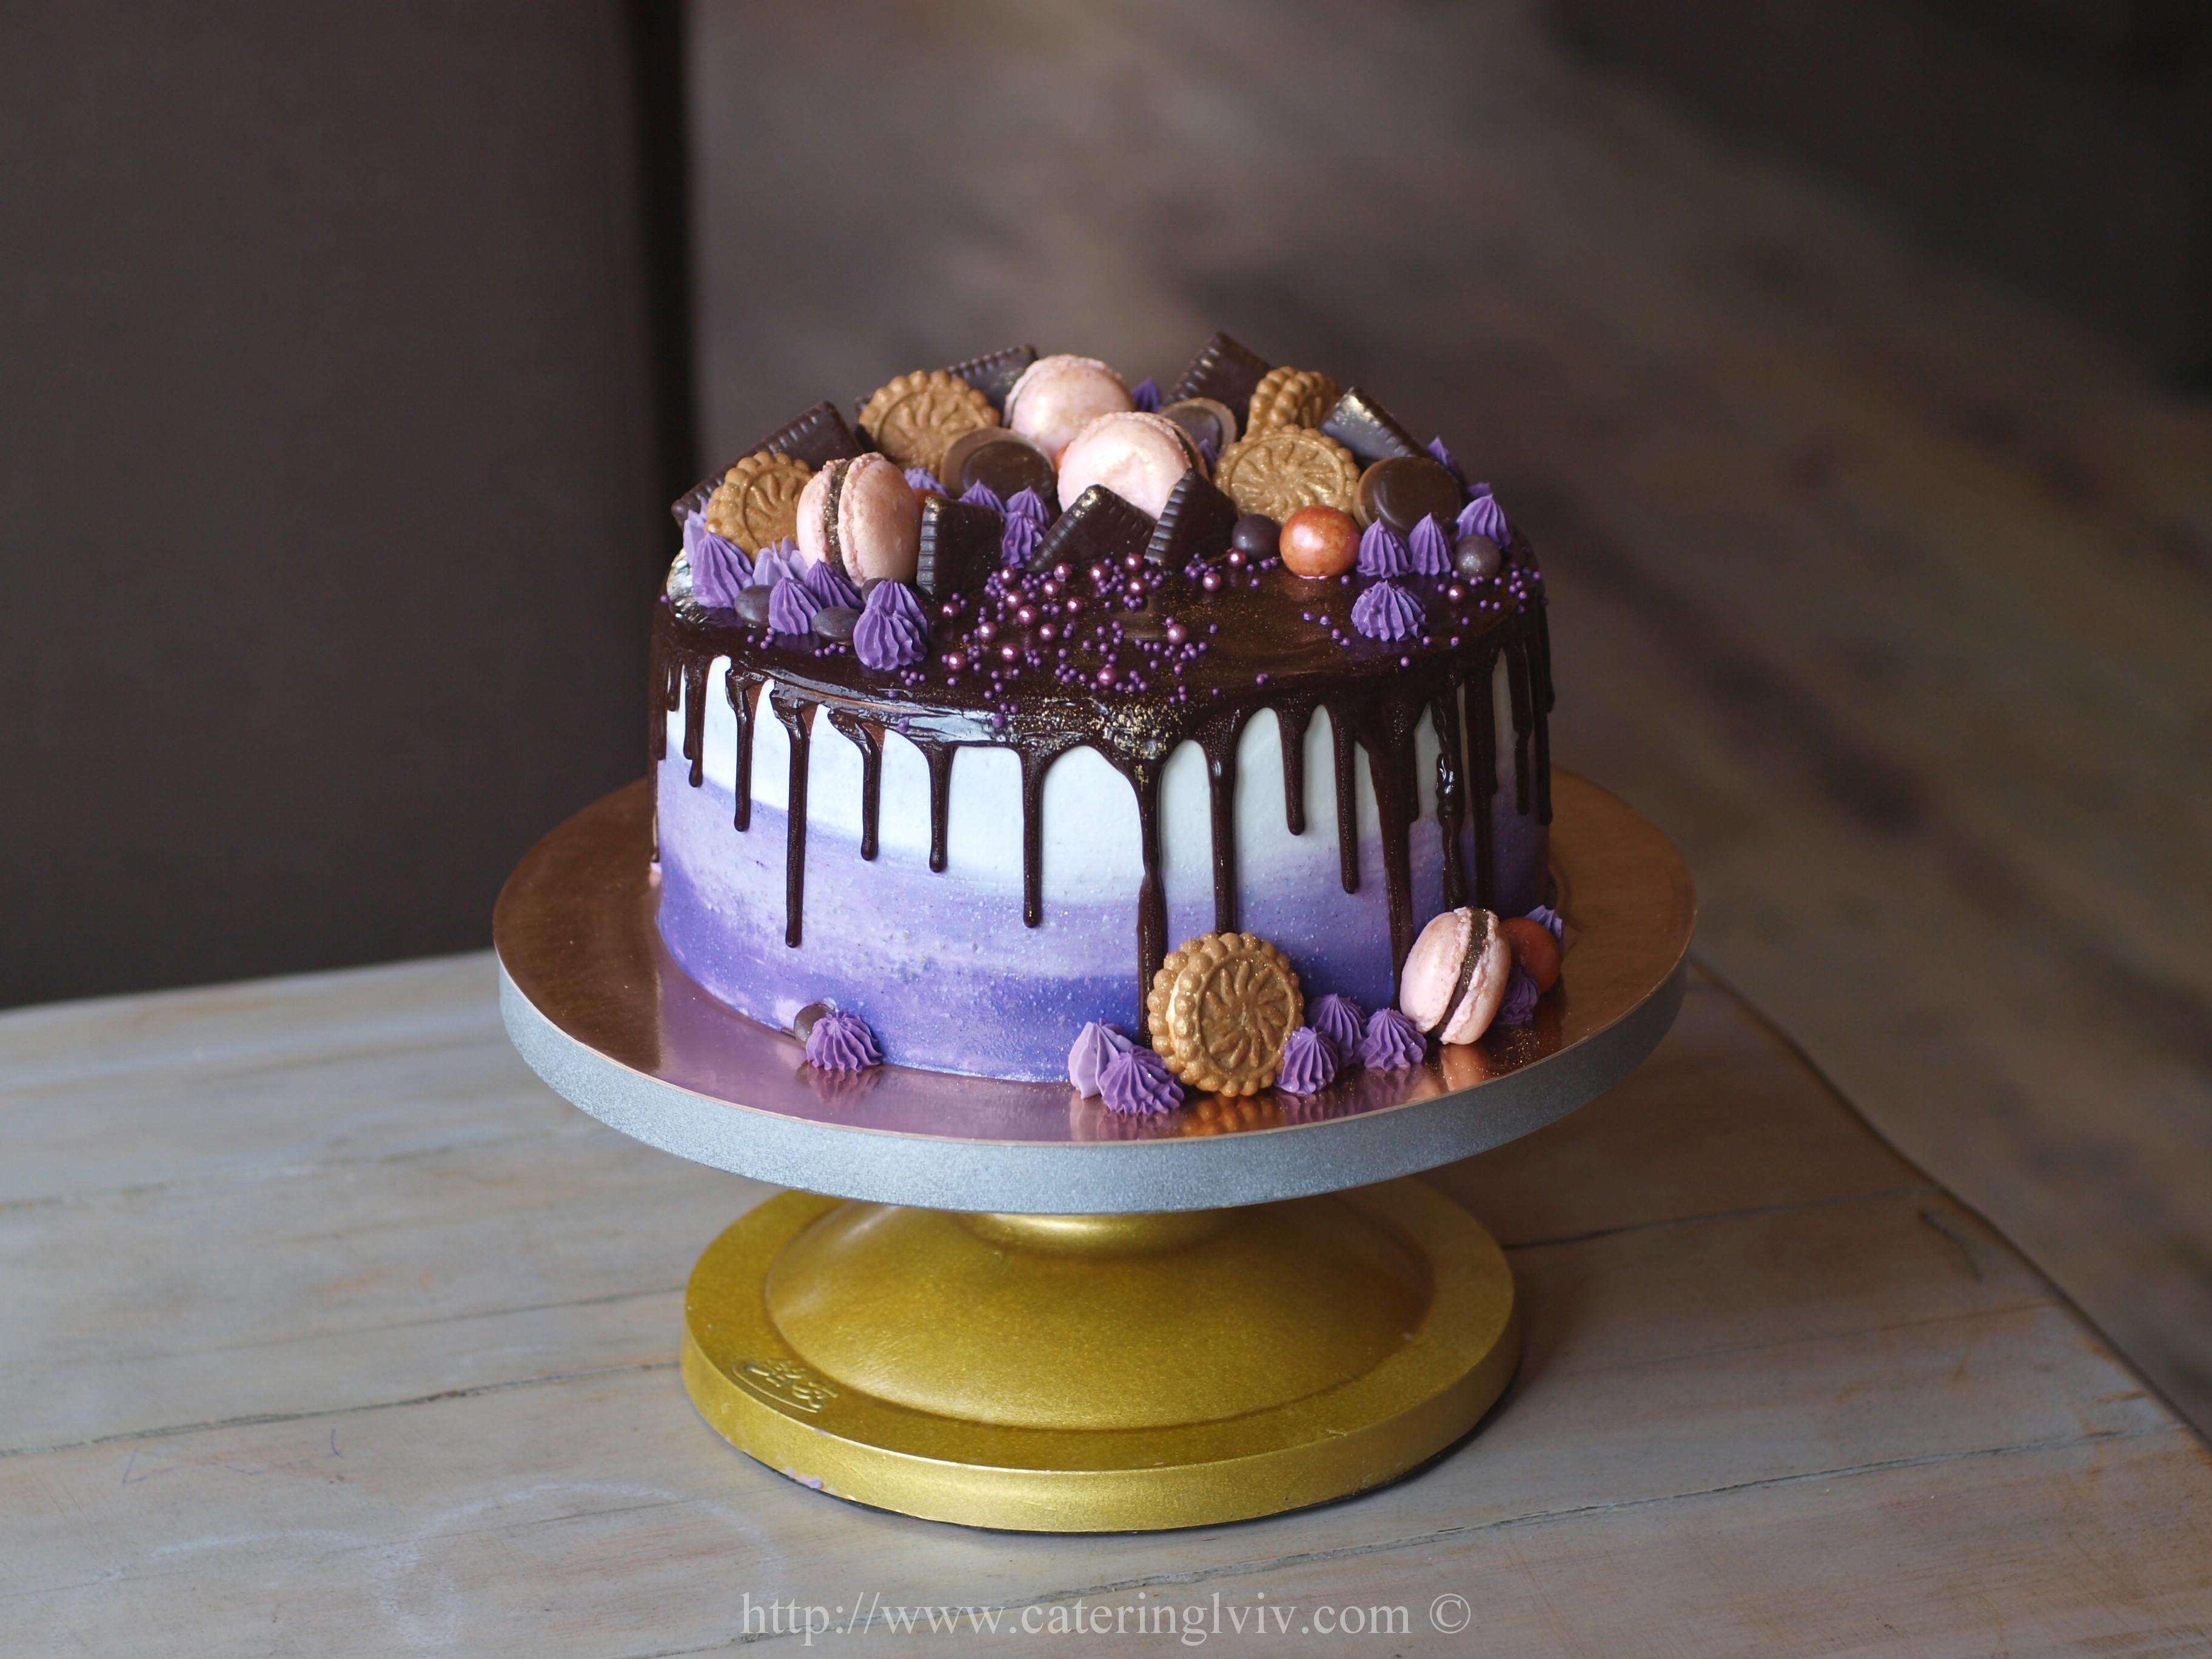 Торт компанія Кейтеринг Львів (1)